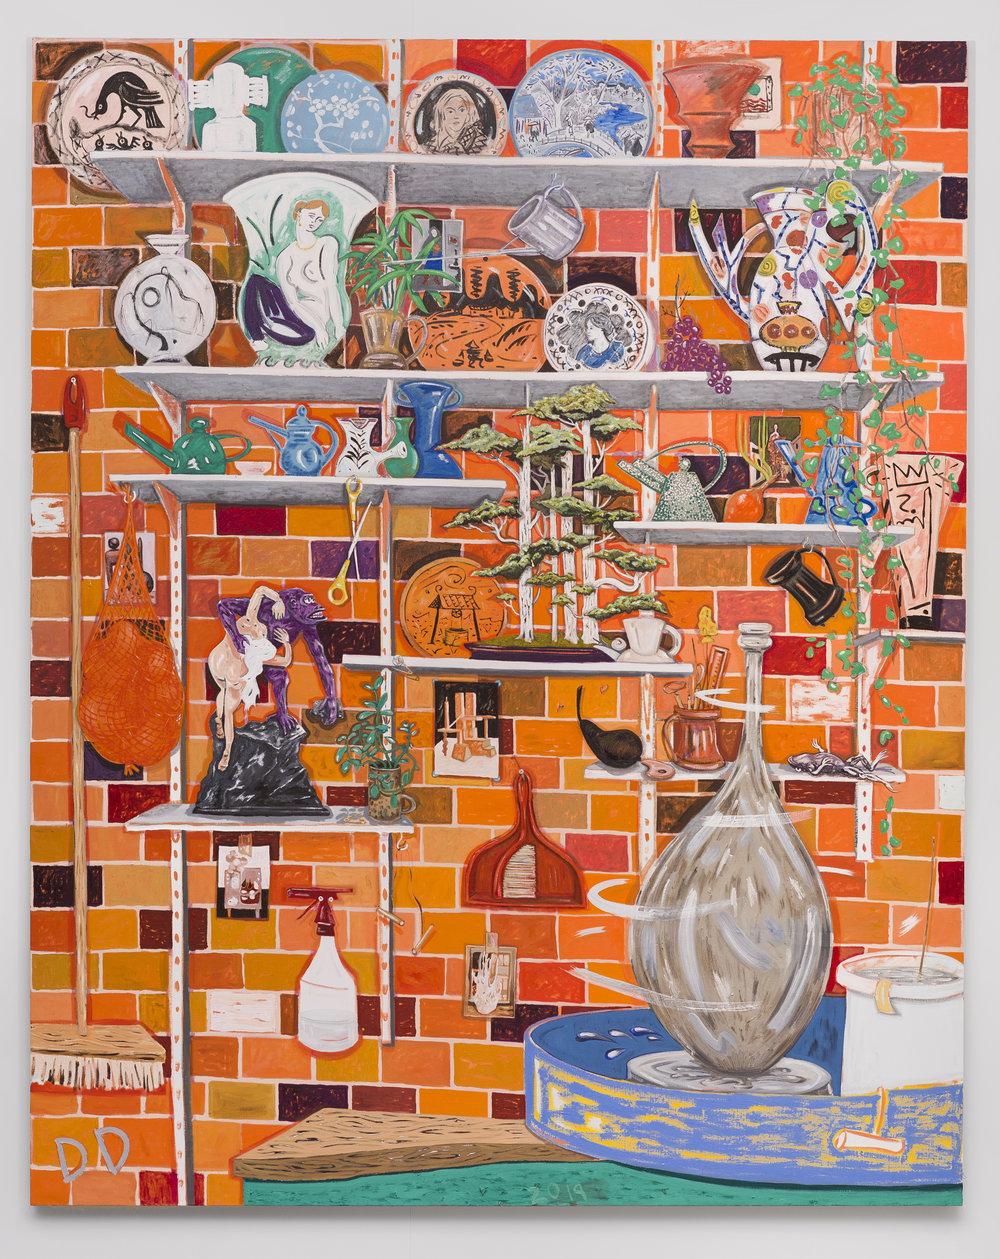 Pottery  Oil on Linen  200 x 250 cm  2019